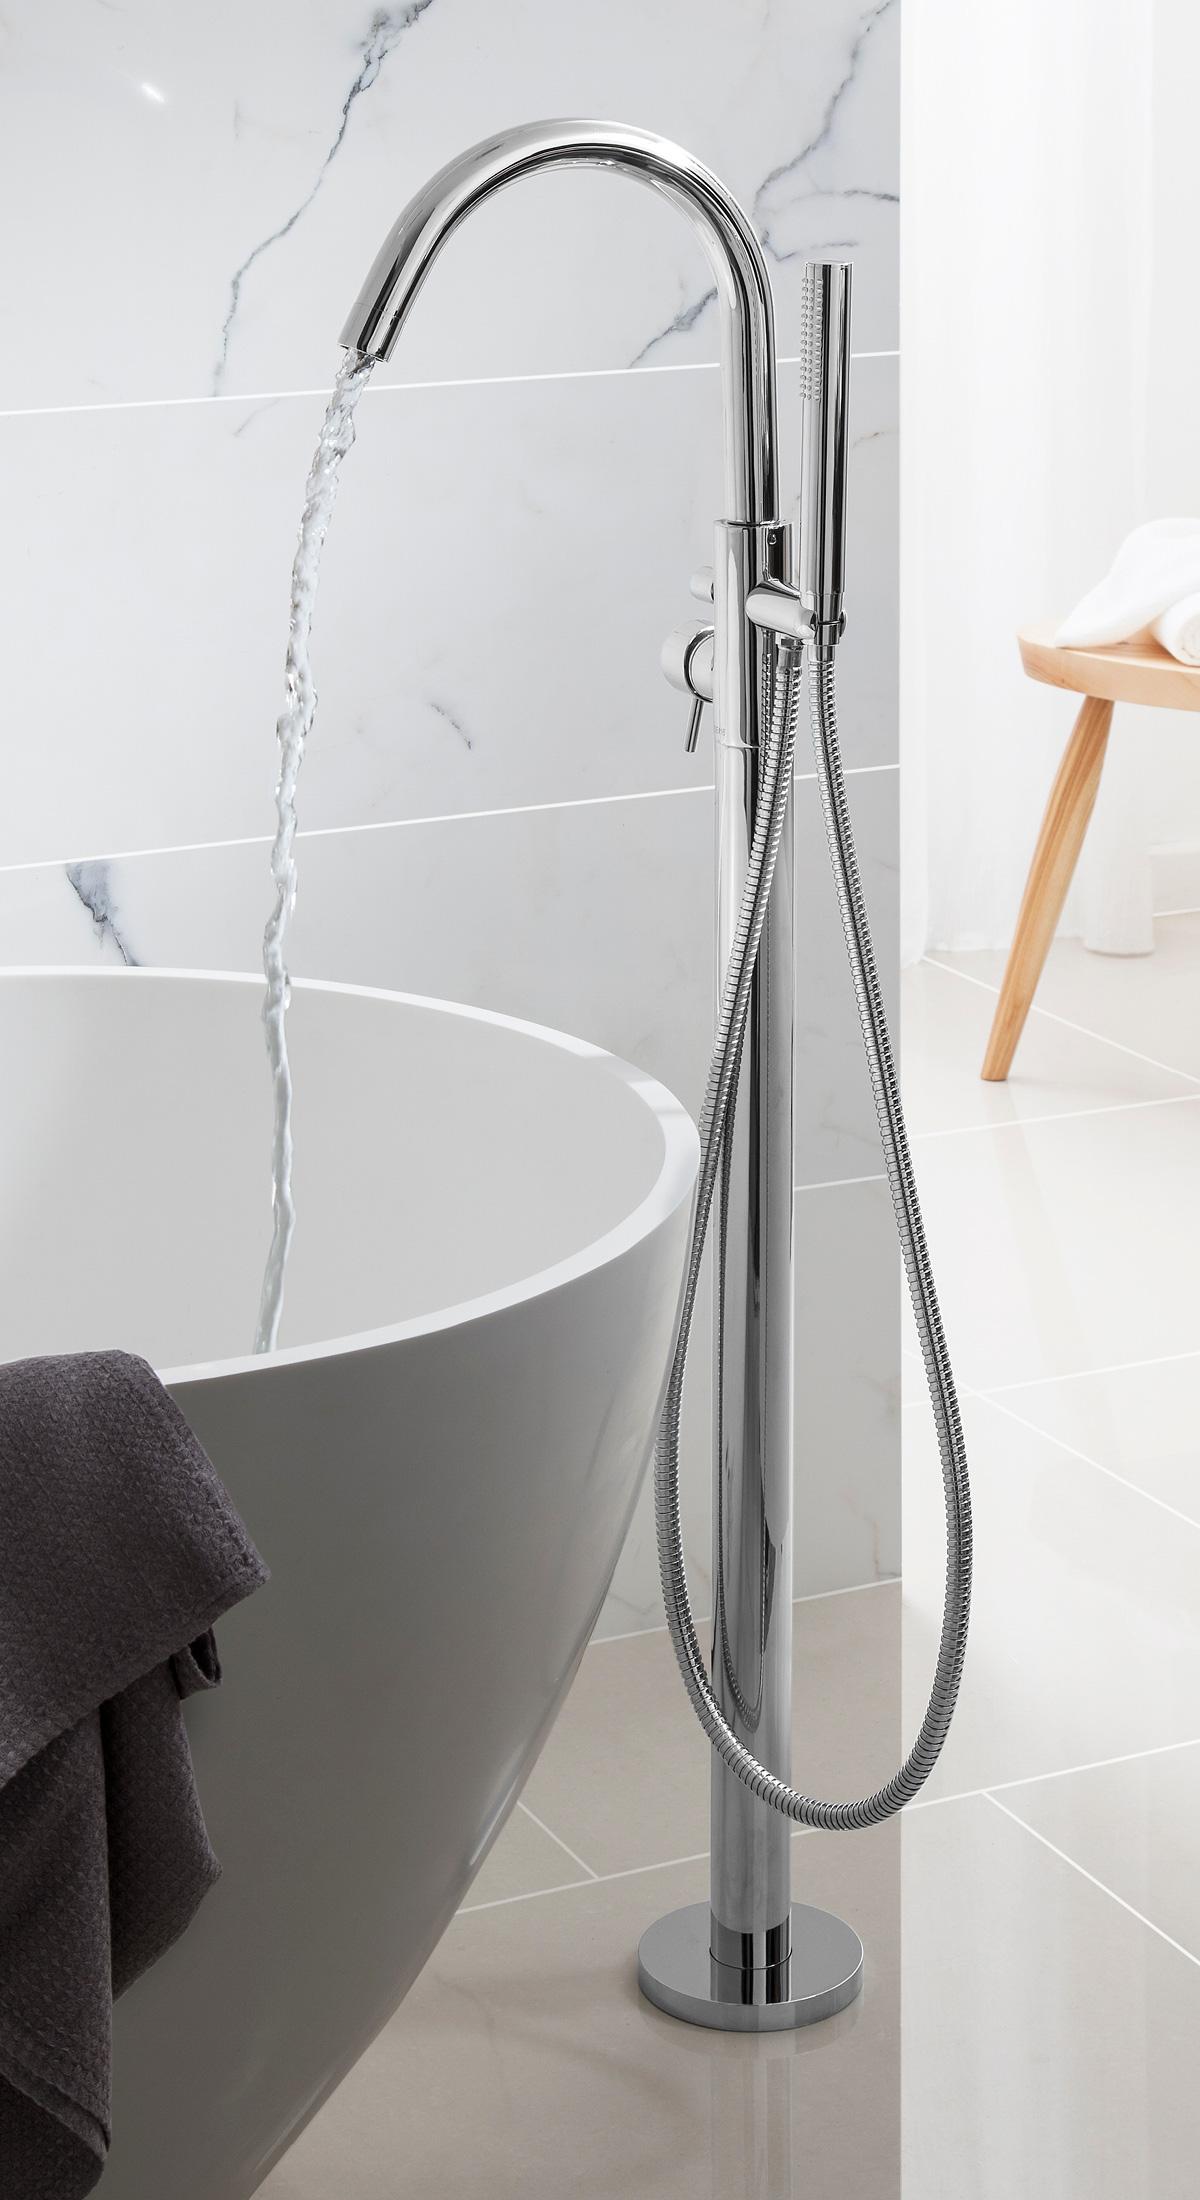 Design Bath Shower Mixer In Floor Standing Luxury Bathrooms Uk Crosswater Holdings